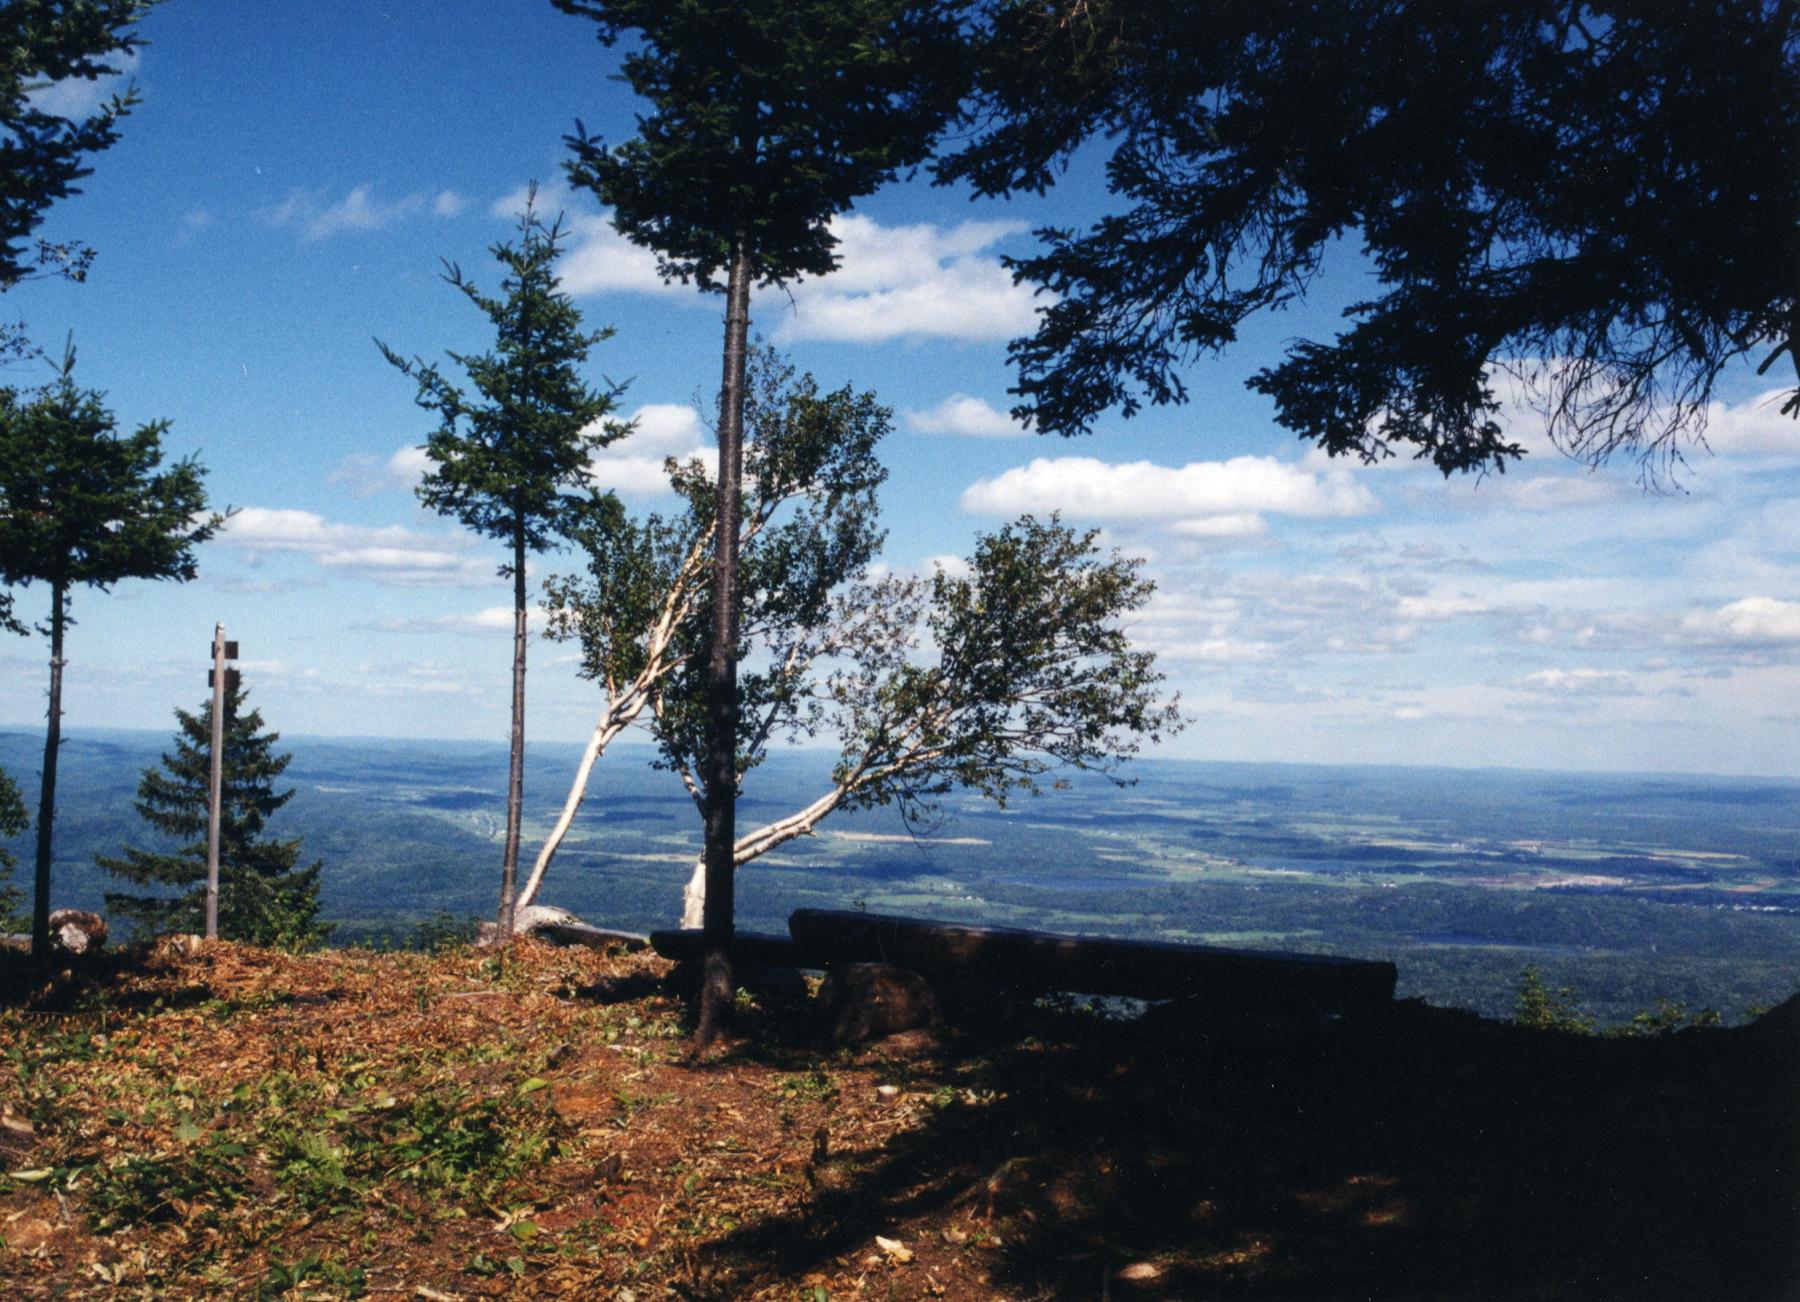 parc-montagne-du-diable-paysage-00225_1800x1302